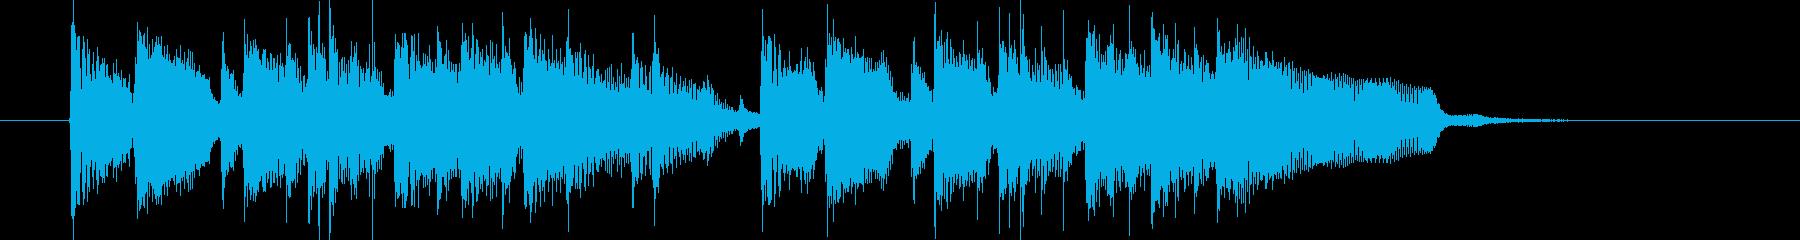 華やかなミドルテンポの12秒ジングルの再生済みの波形